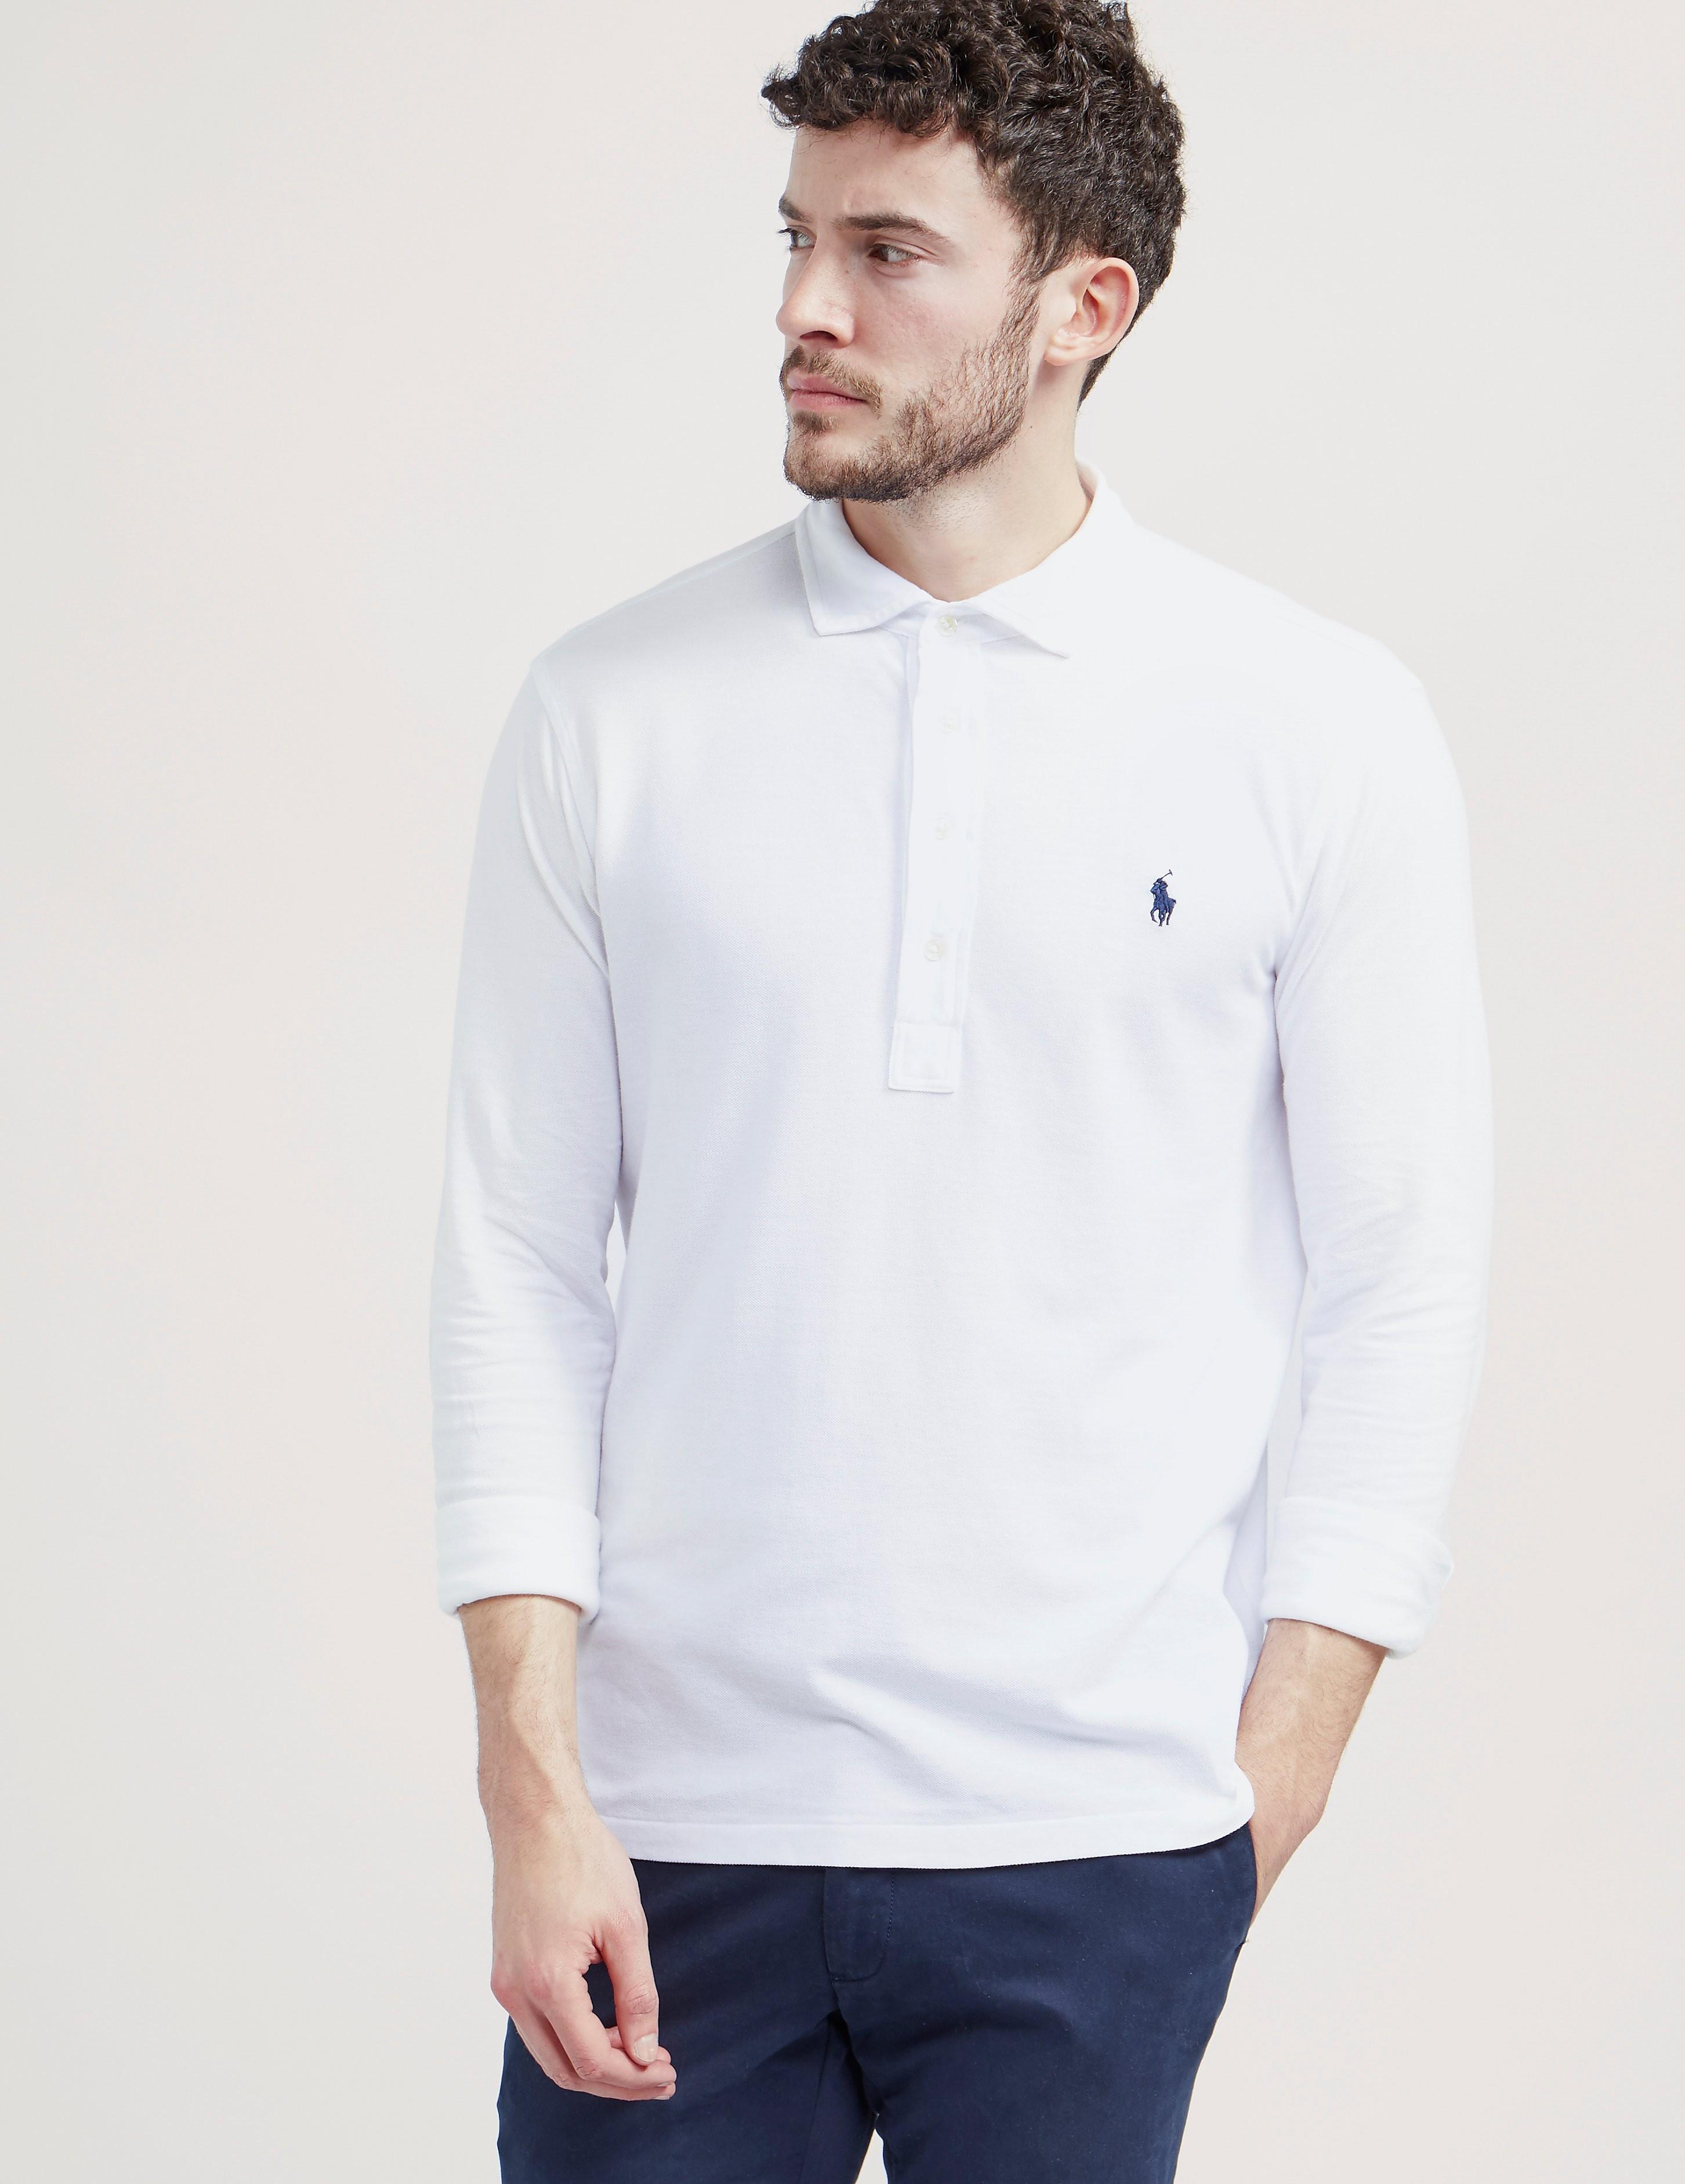 Polo Ralph Lauren Feather Mesh Polo Shirt